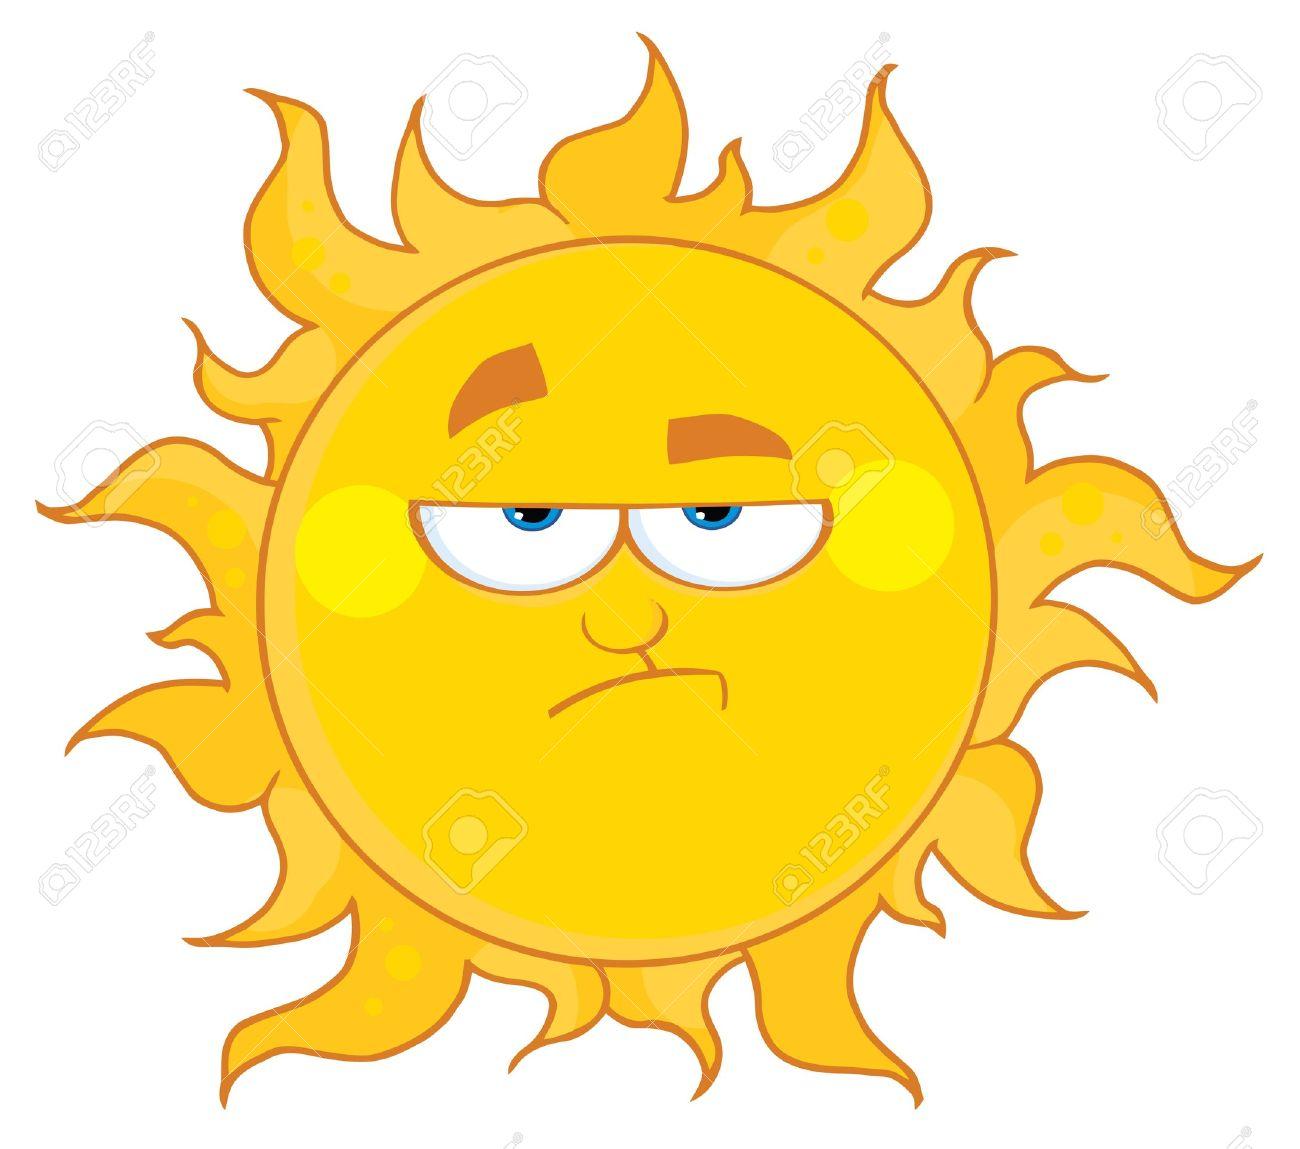 Lowering Sun Mascot Cartoon Character Stock Vector - 8930285